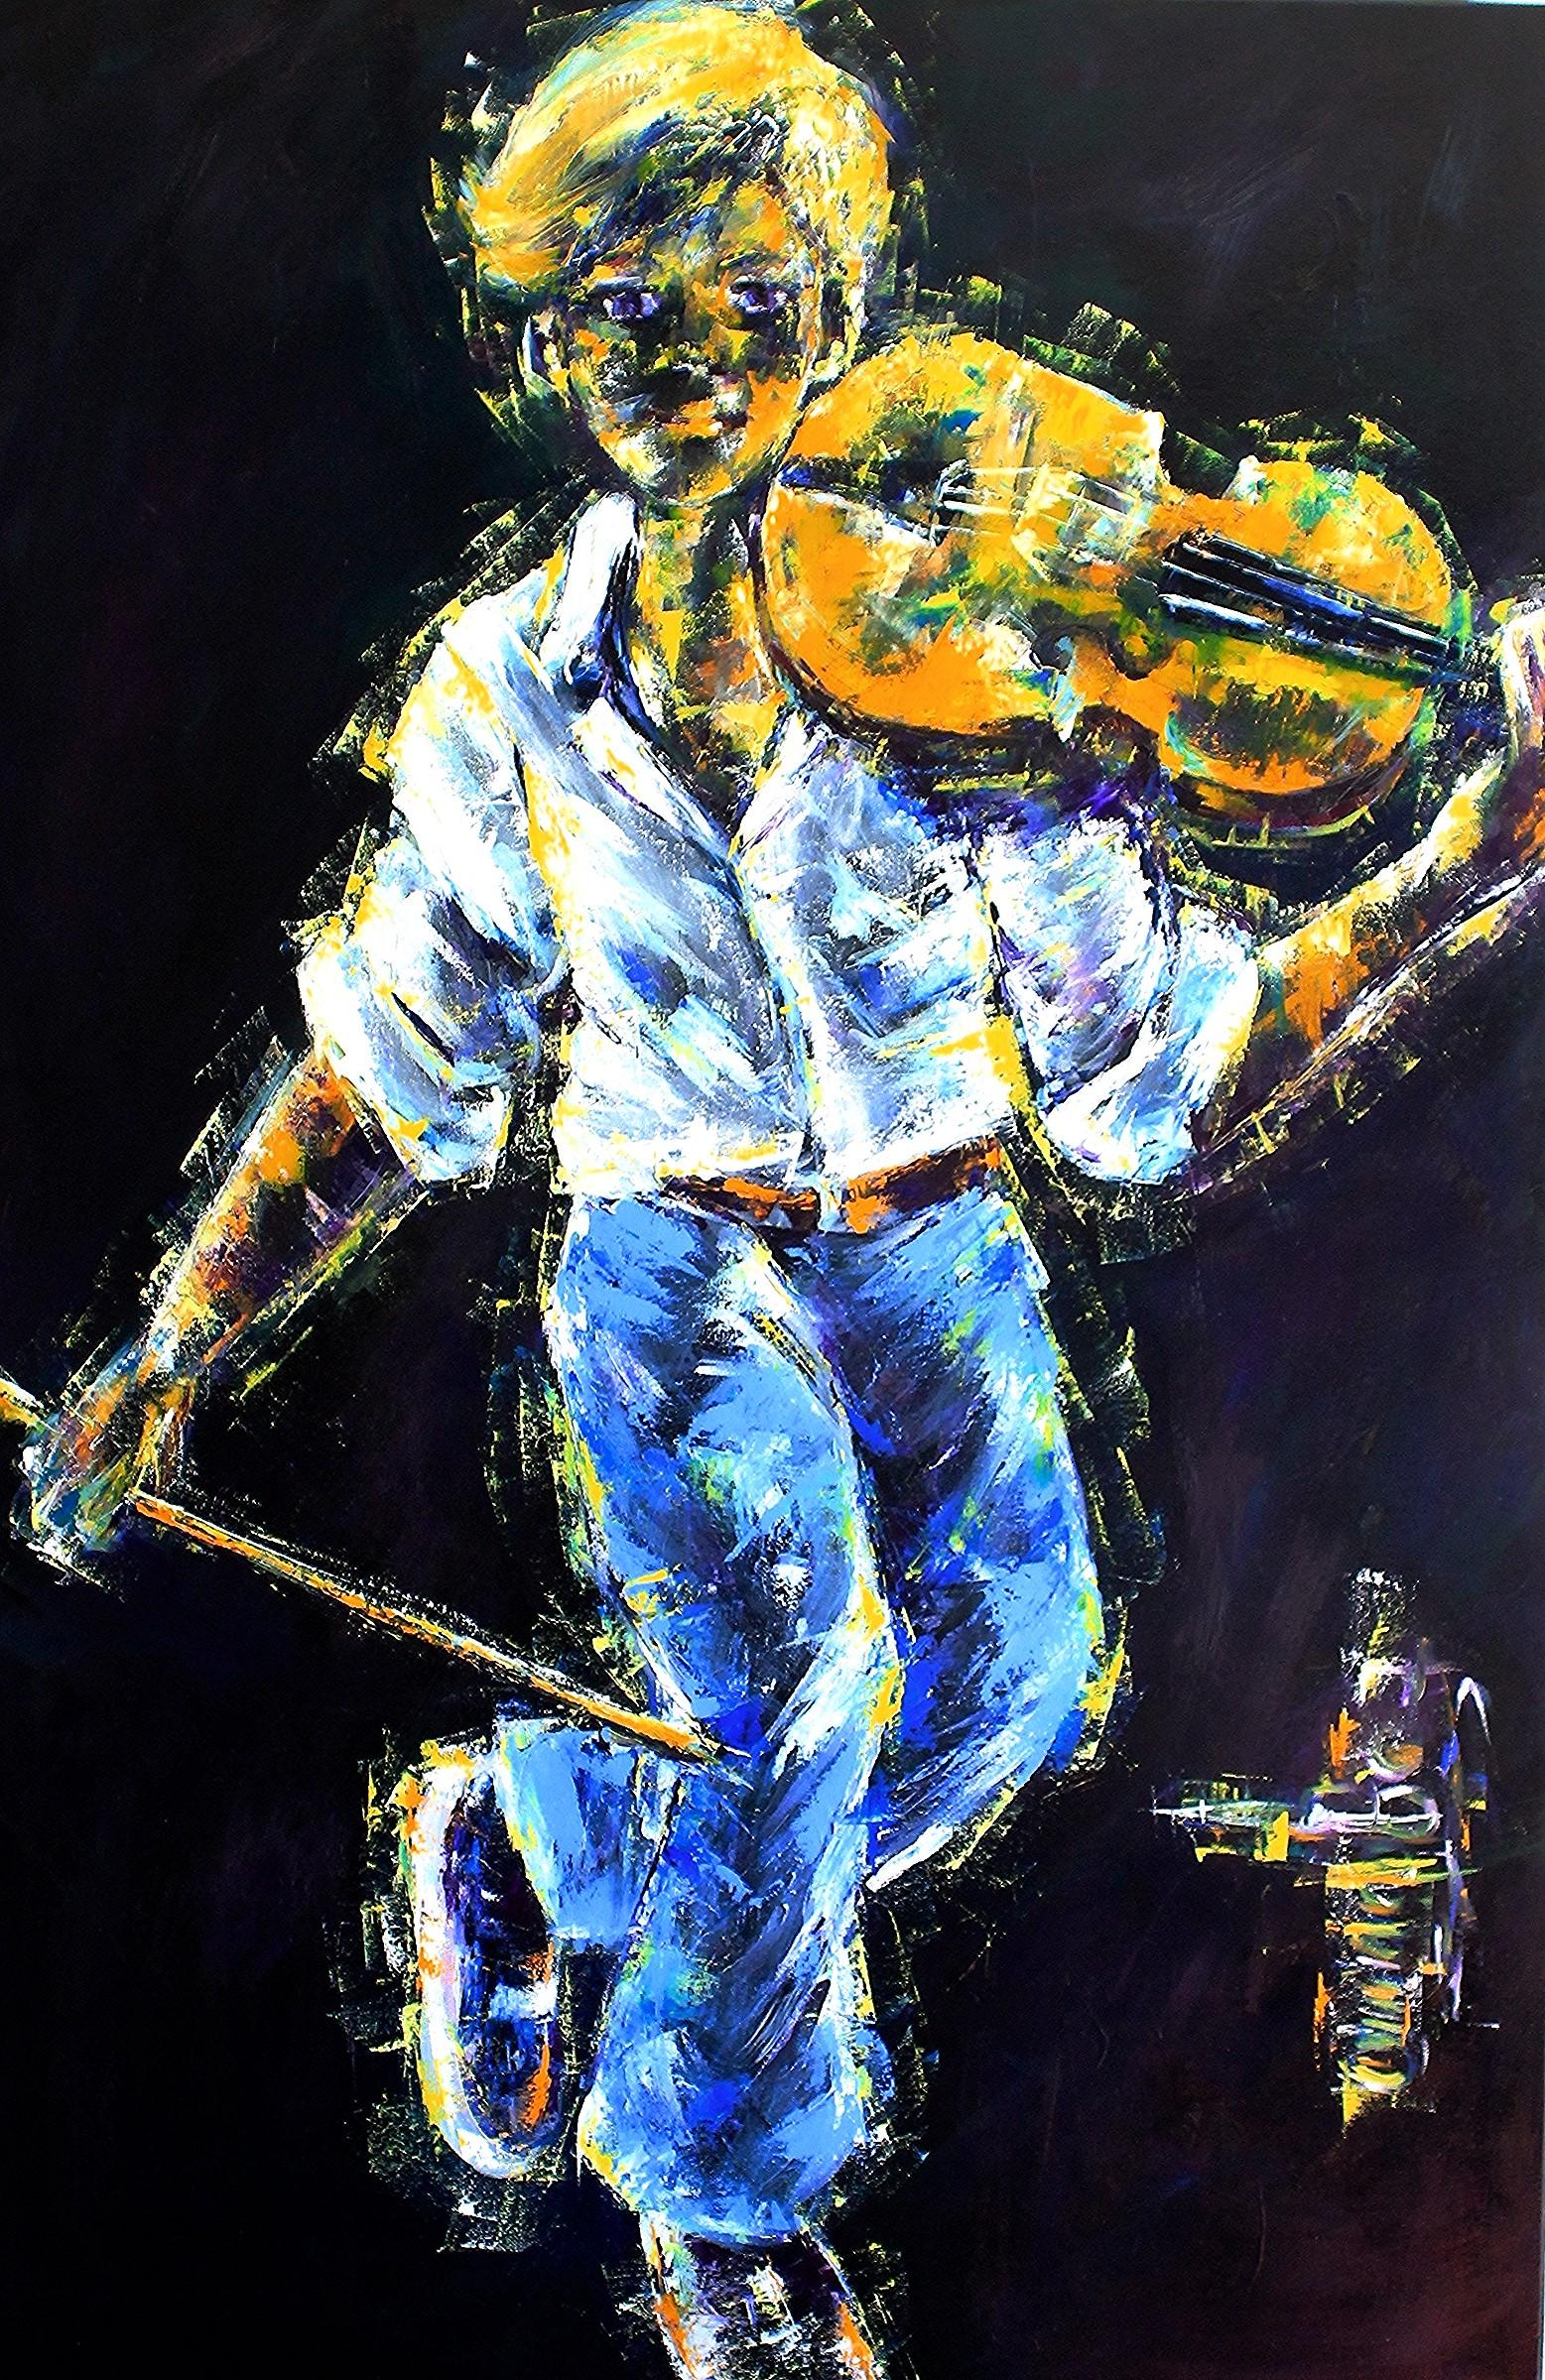 Le violoneux 114.5 x 74